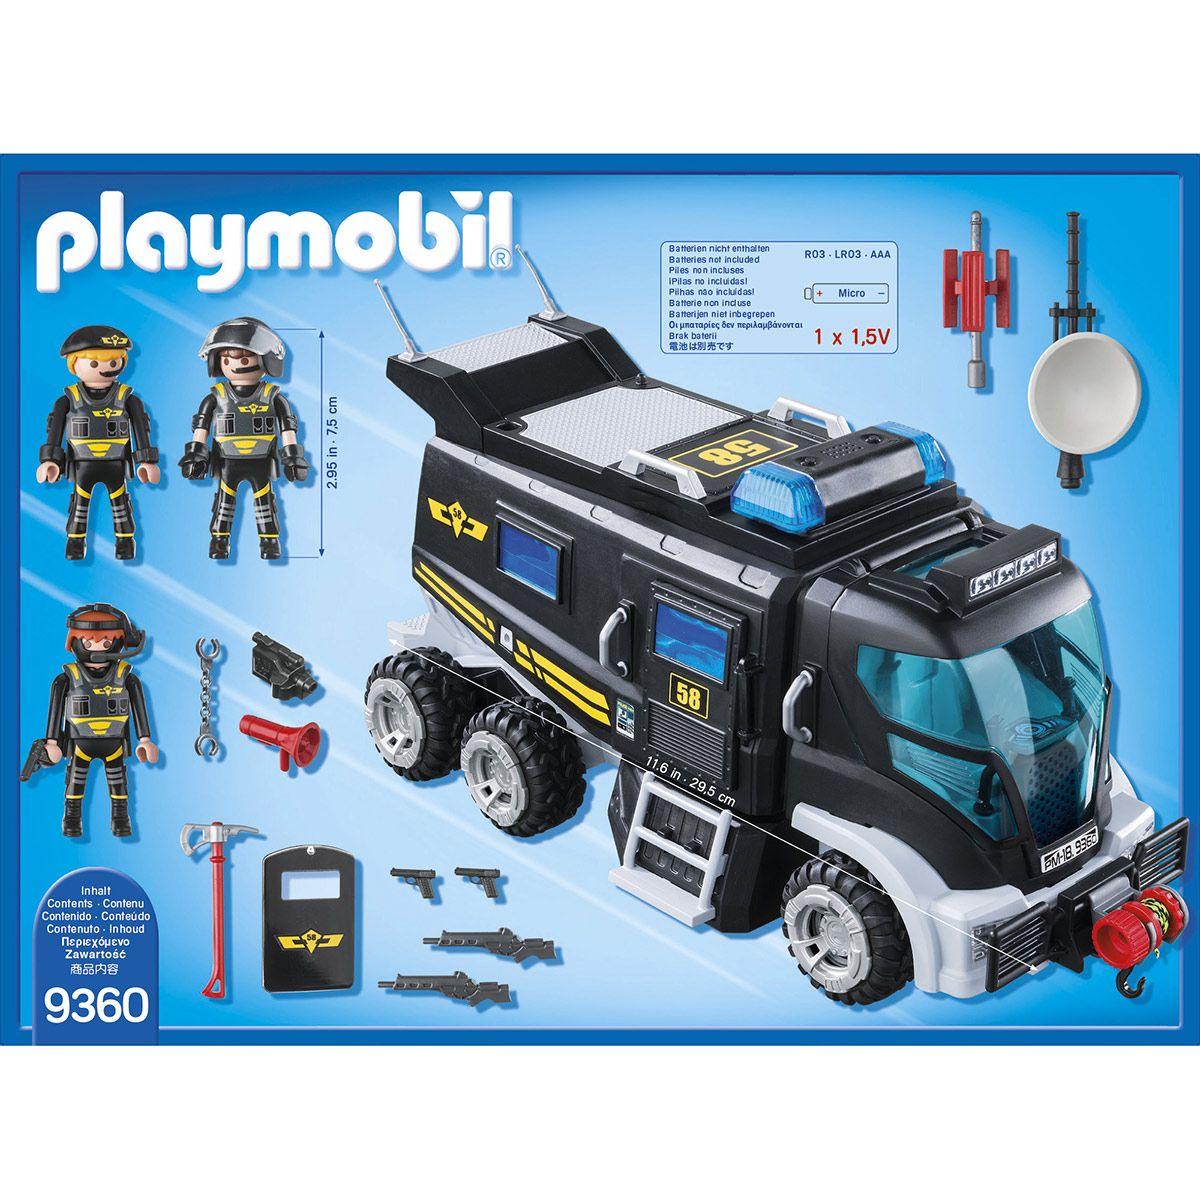 D'élite 9360 Playmobil City Sirène Action Des Camion Policiers W9IHED2